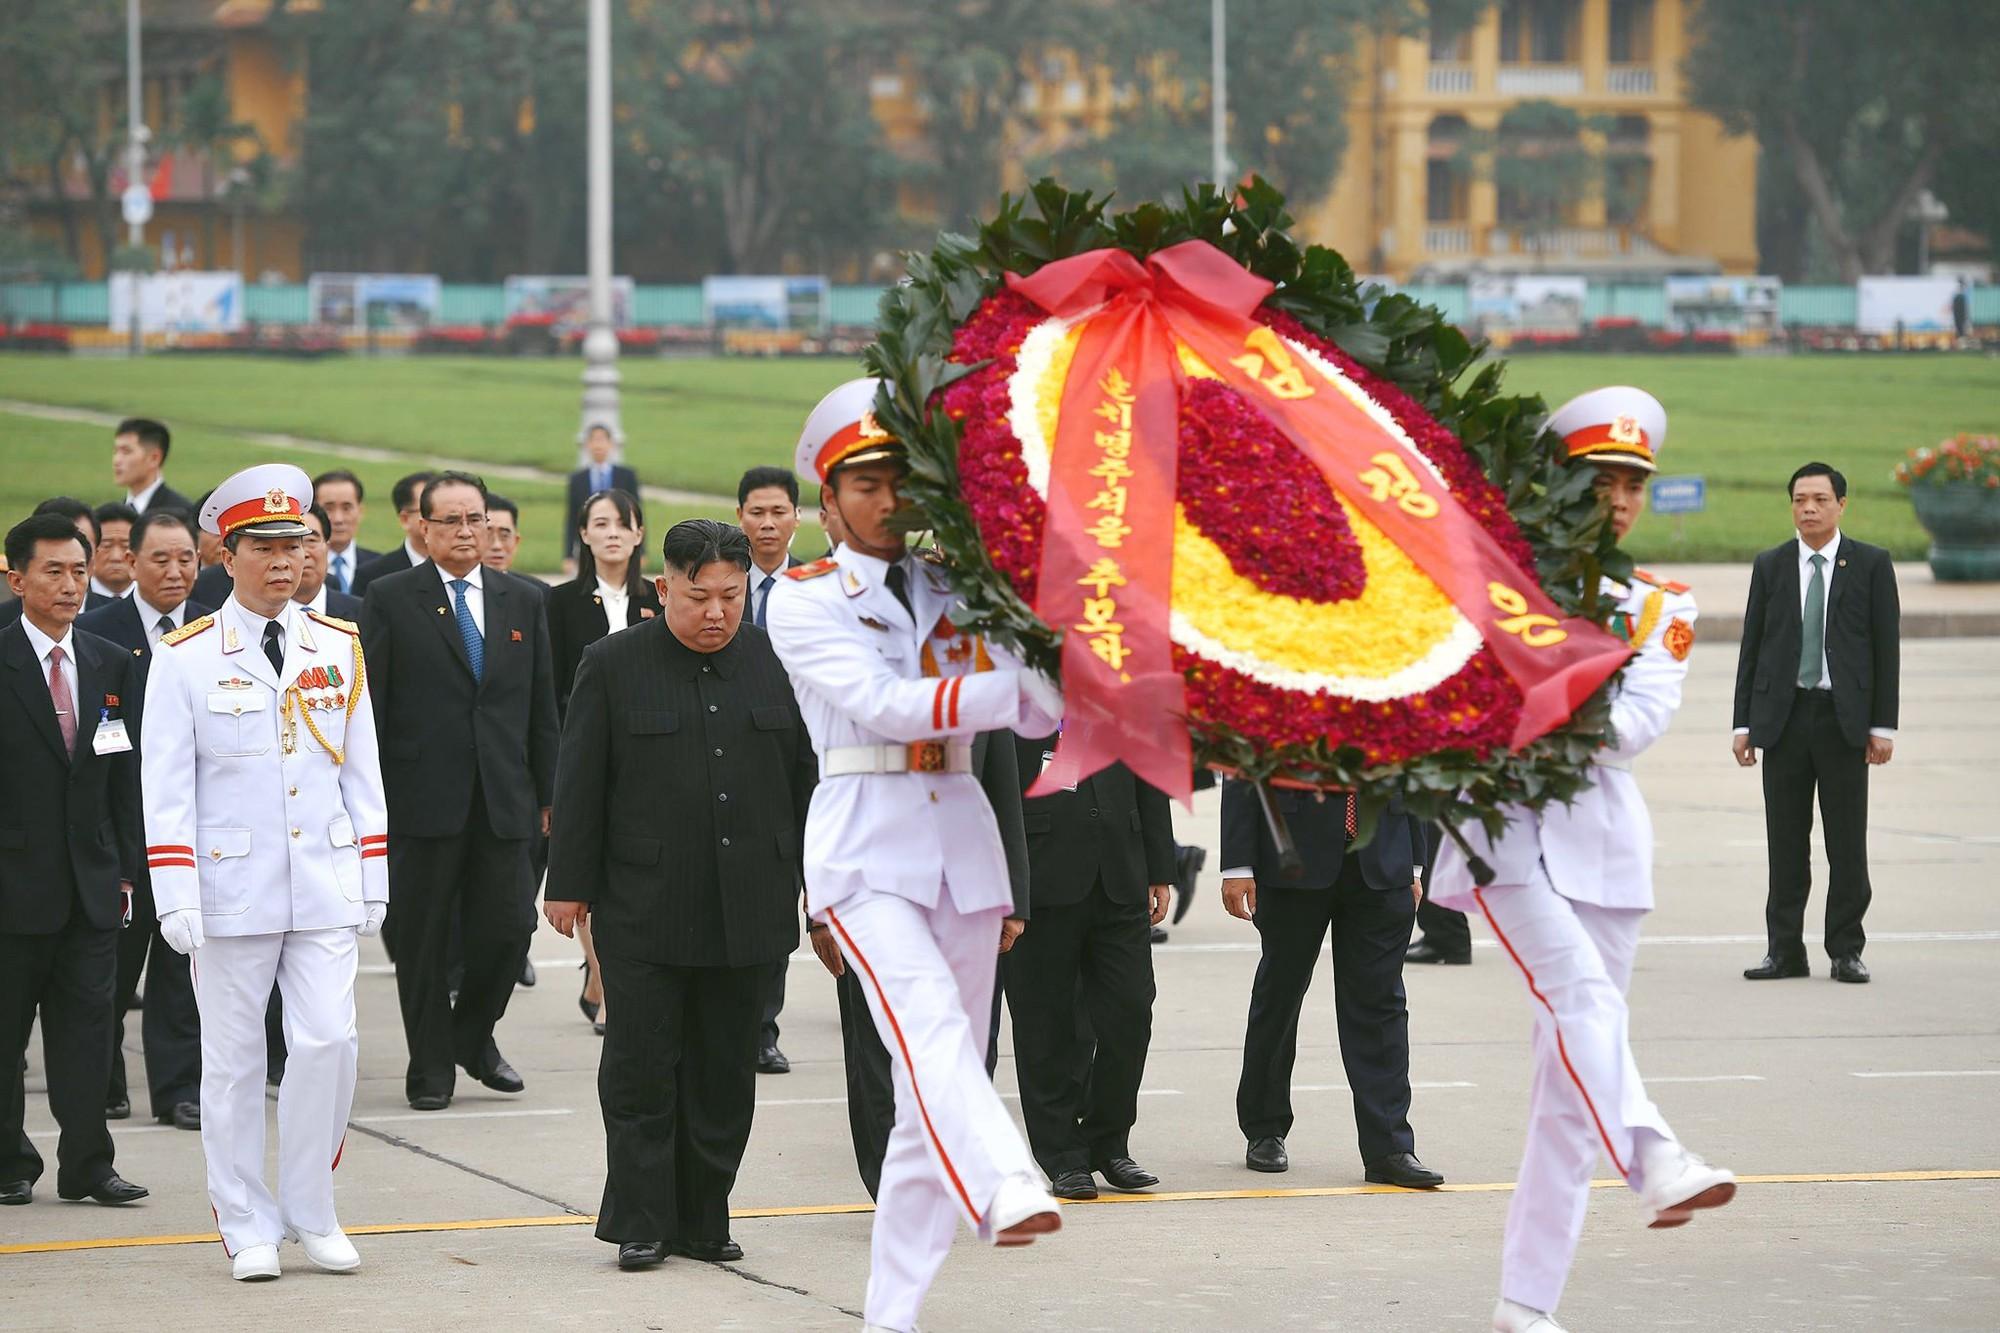 [PHOTO ESSAY] Những khoảnh khắc lịch sử trong chuyến công du Việt Nam đầu tiên của Chủ tịch Kim Jong-un - Ảnh 27.